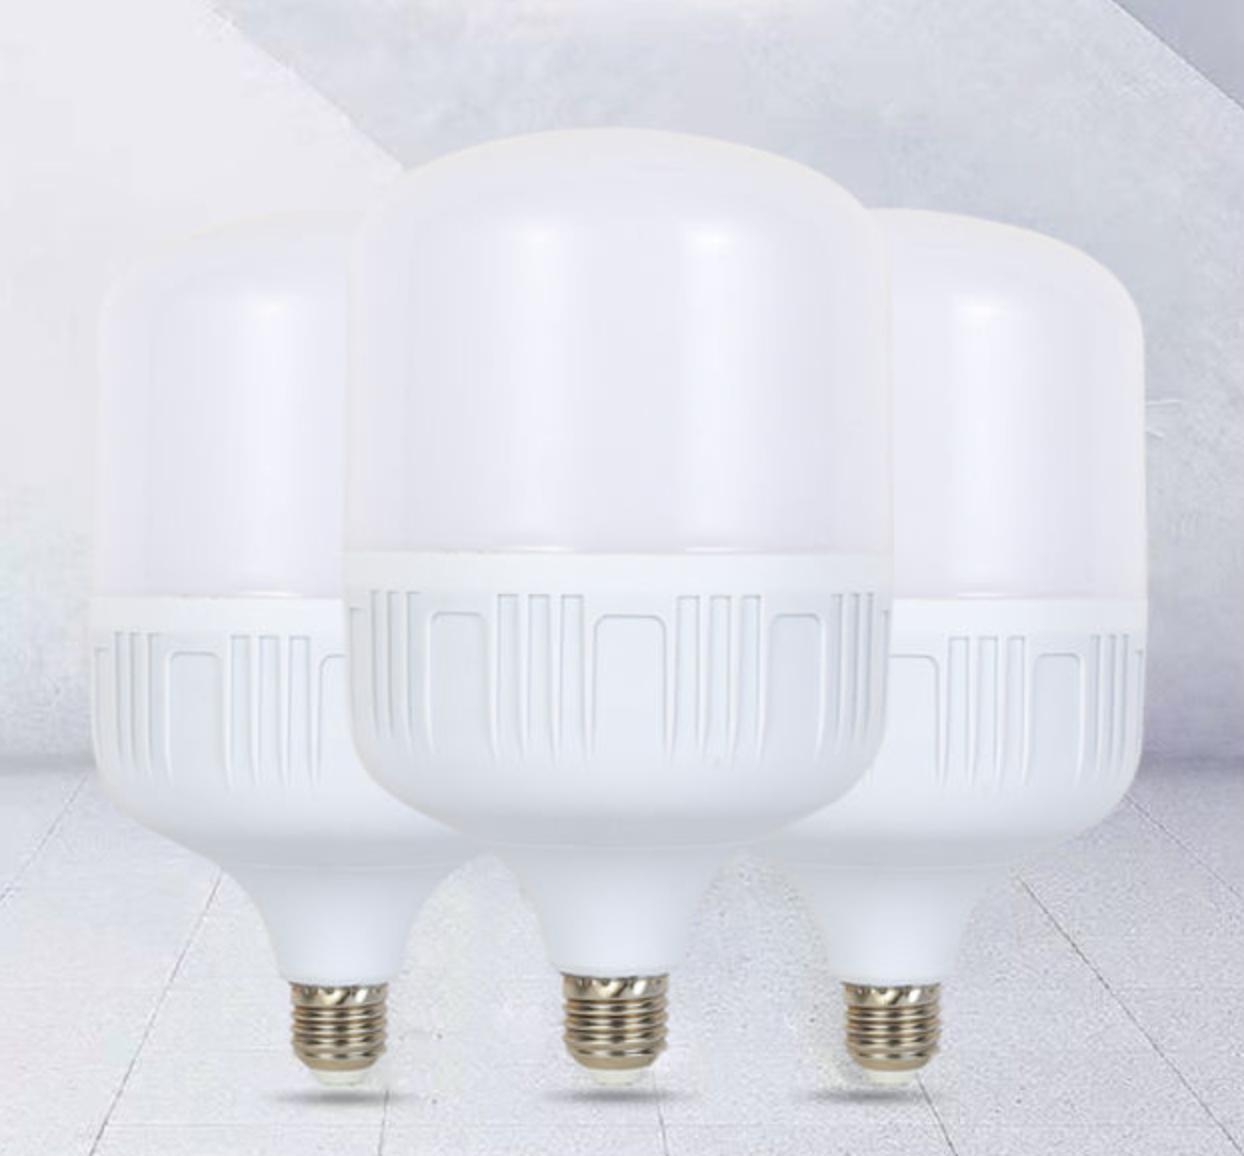 Bộ 2 Bóng đèn Led Trụ18W Siêu Sáng Tiết Kiệm điệnA Minh  ( ÁNH SÁNG TRẮNG ) Với Giá Sốc